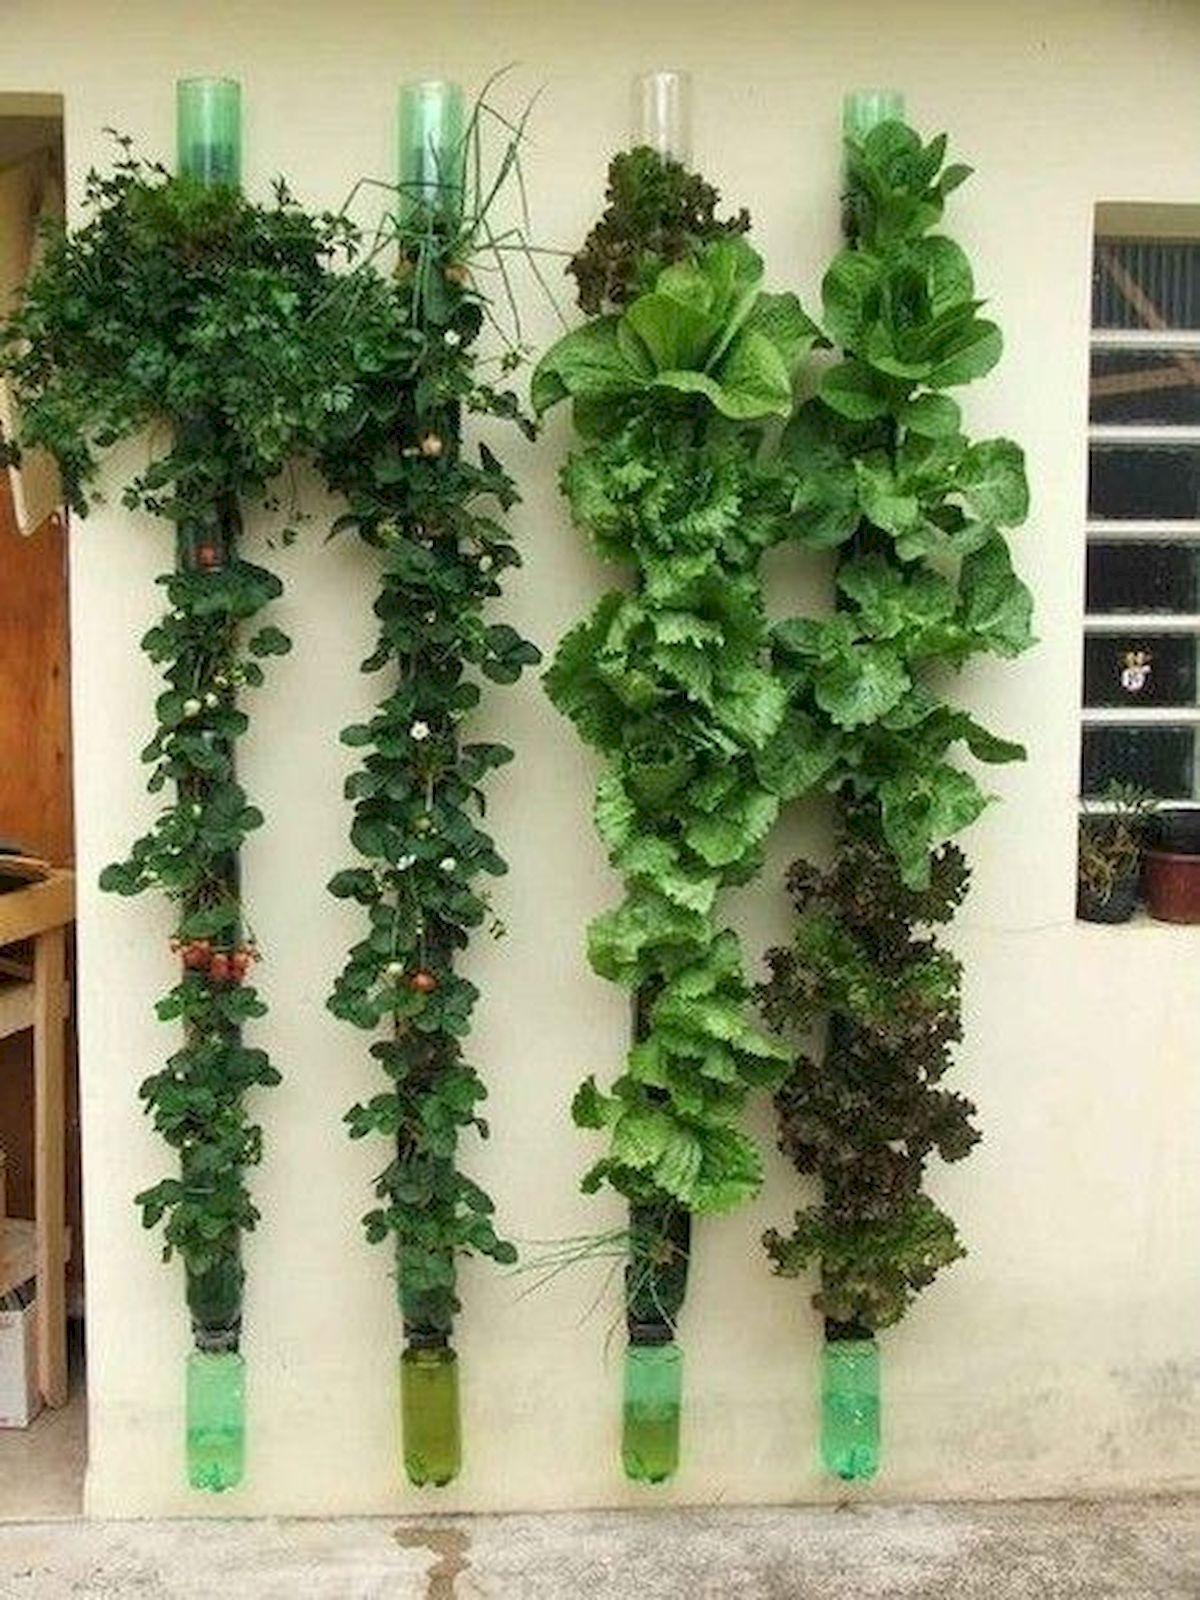 44 Creative DIY Vertical Garden Ideas To Make Your Home Beautiful (31)